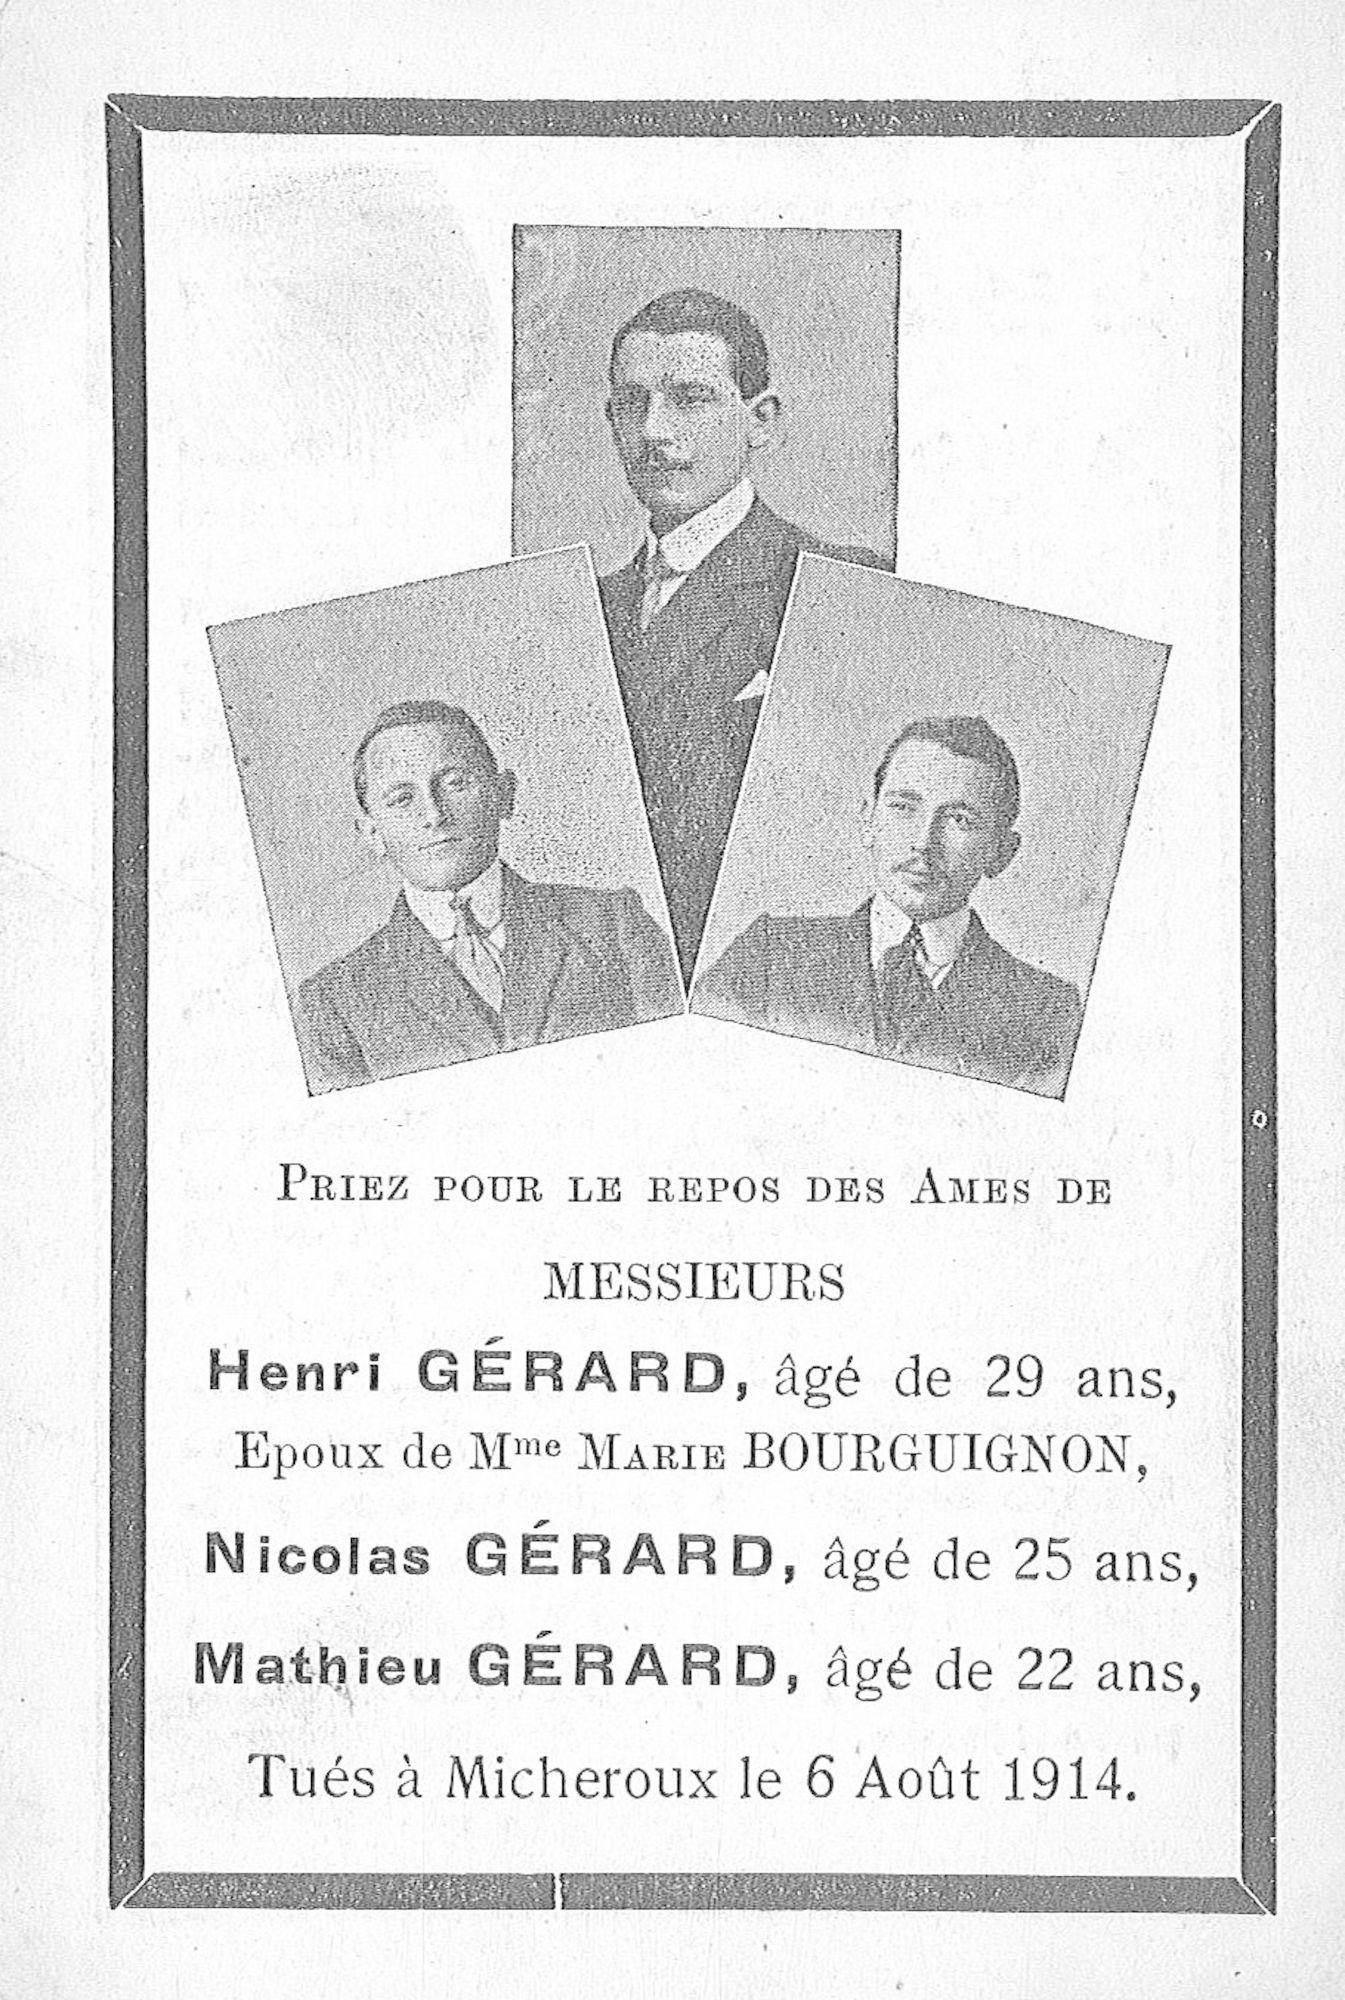 Henri Gérard